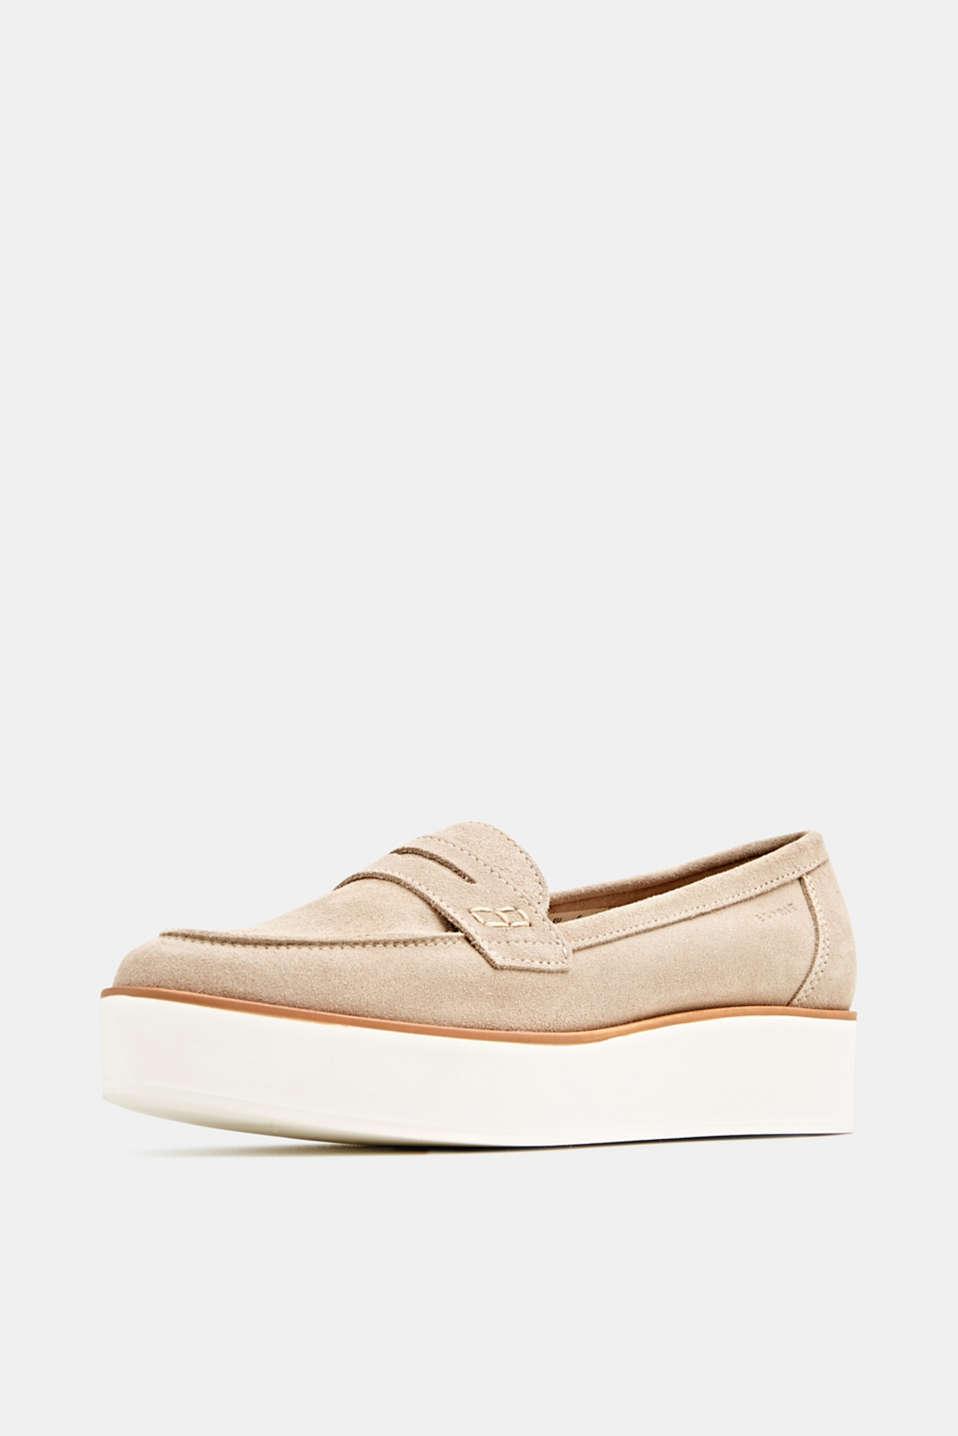 Platform suede loafers, BEIGE, detail image number 2